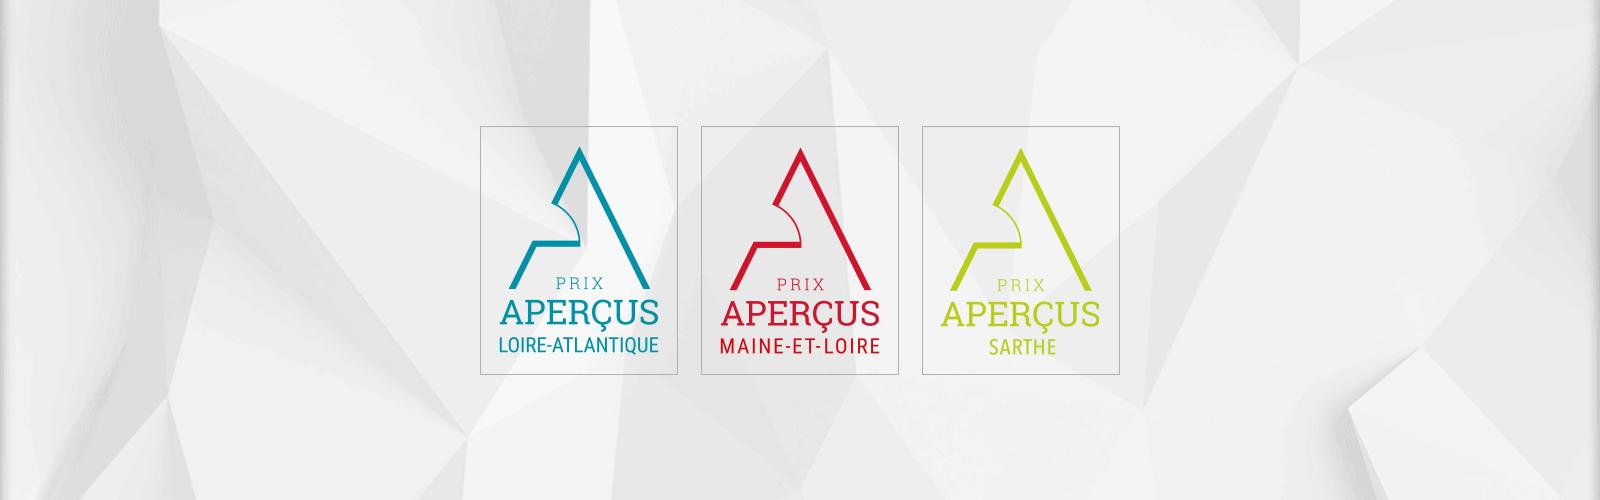 Prix Aperçus Architecture Aménagement 2021